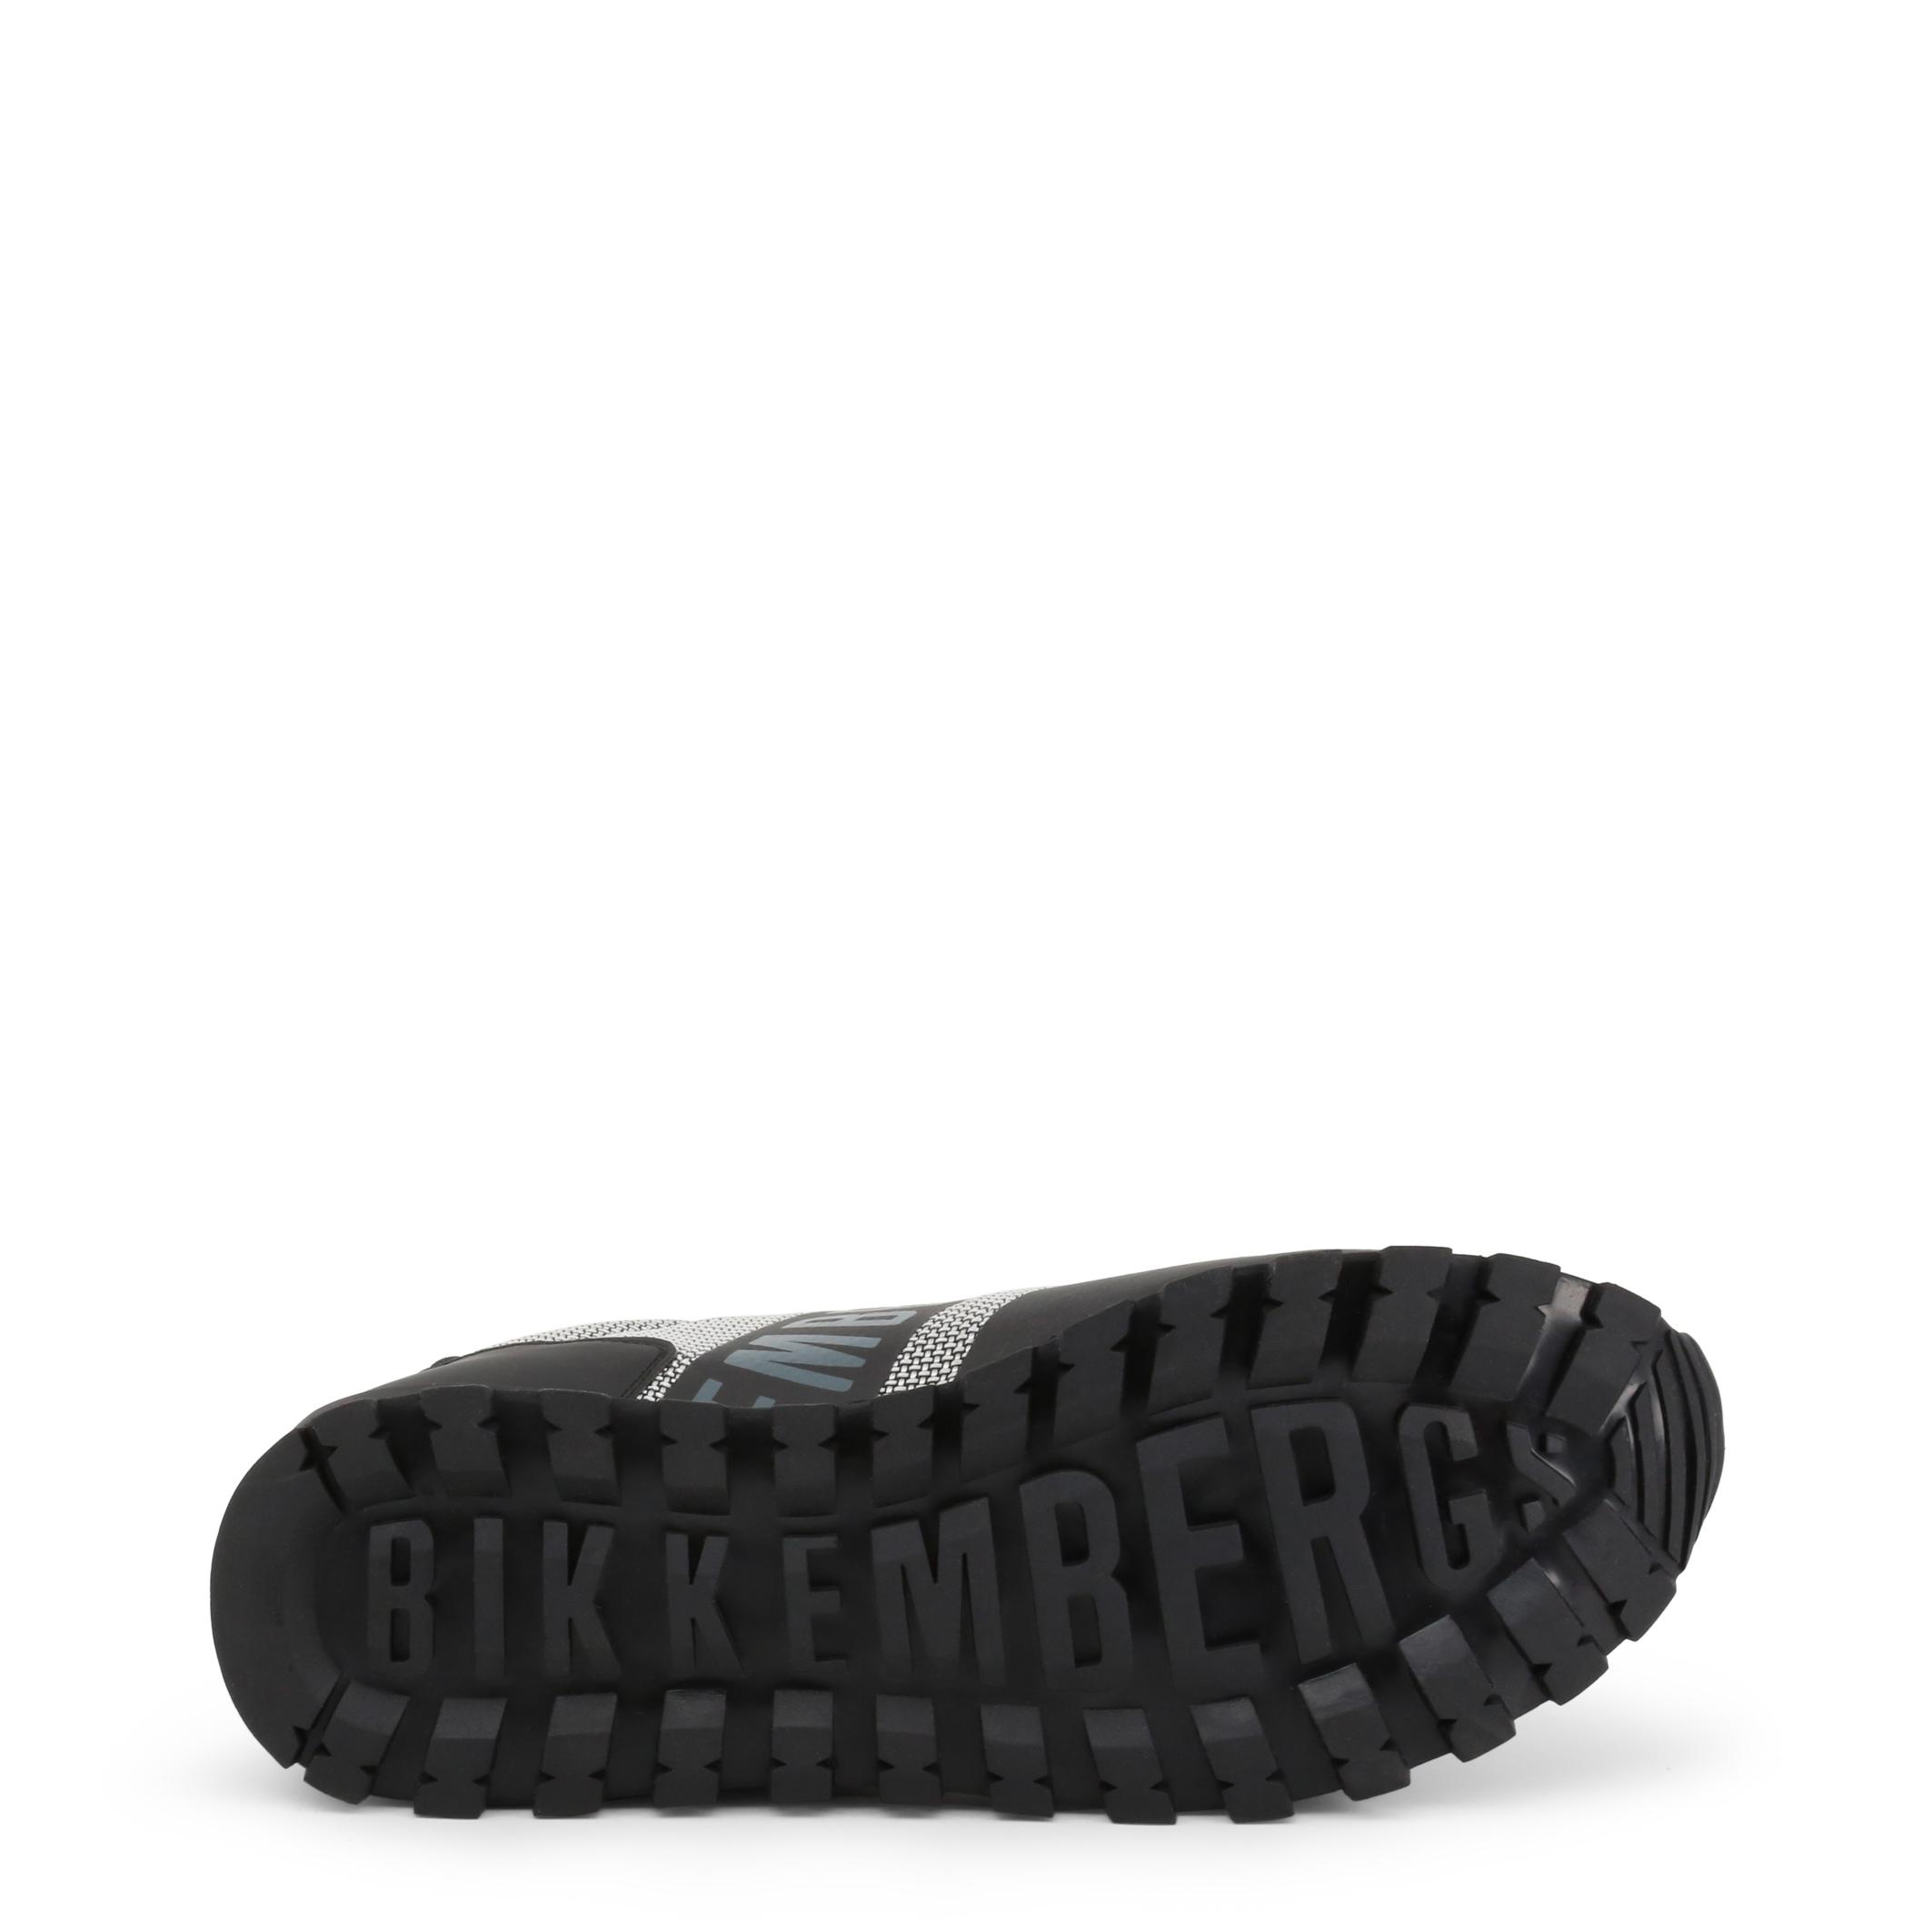 Baskets / Sport  Bikkembergs FEND-ER_2217 black